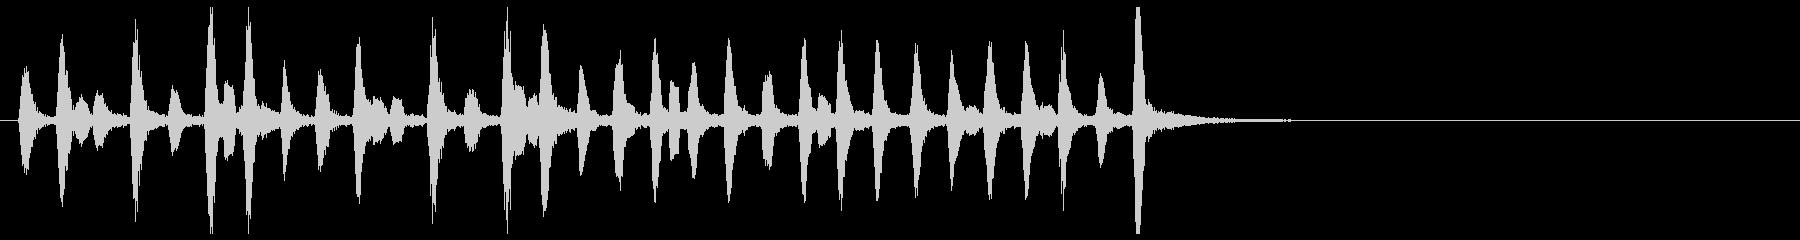 悲しげな小人悲劇的木管リコーダーバンドの未再生の波形